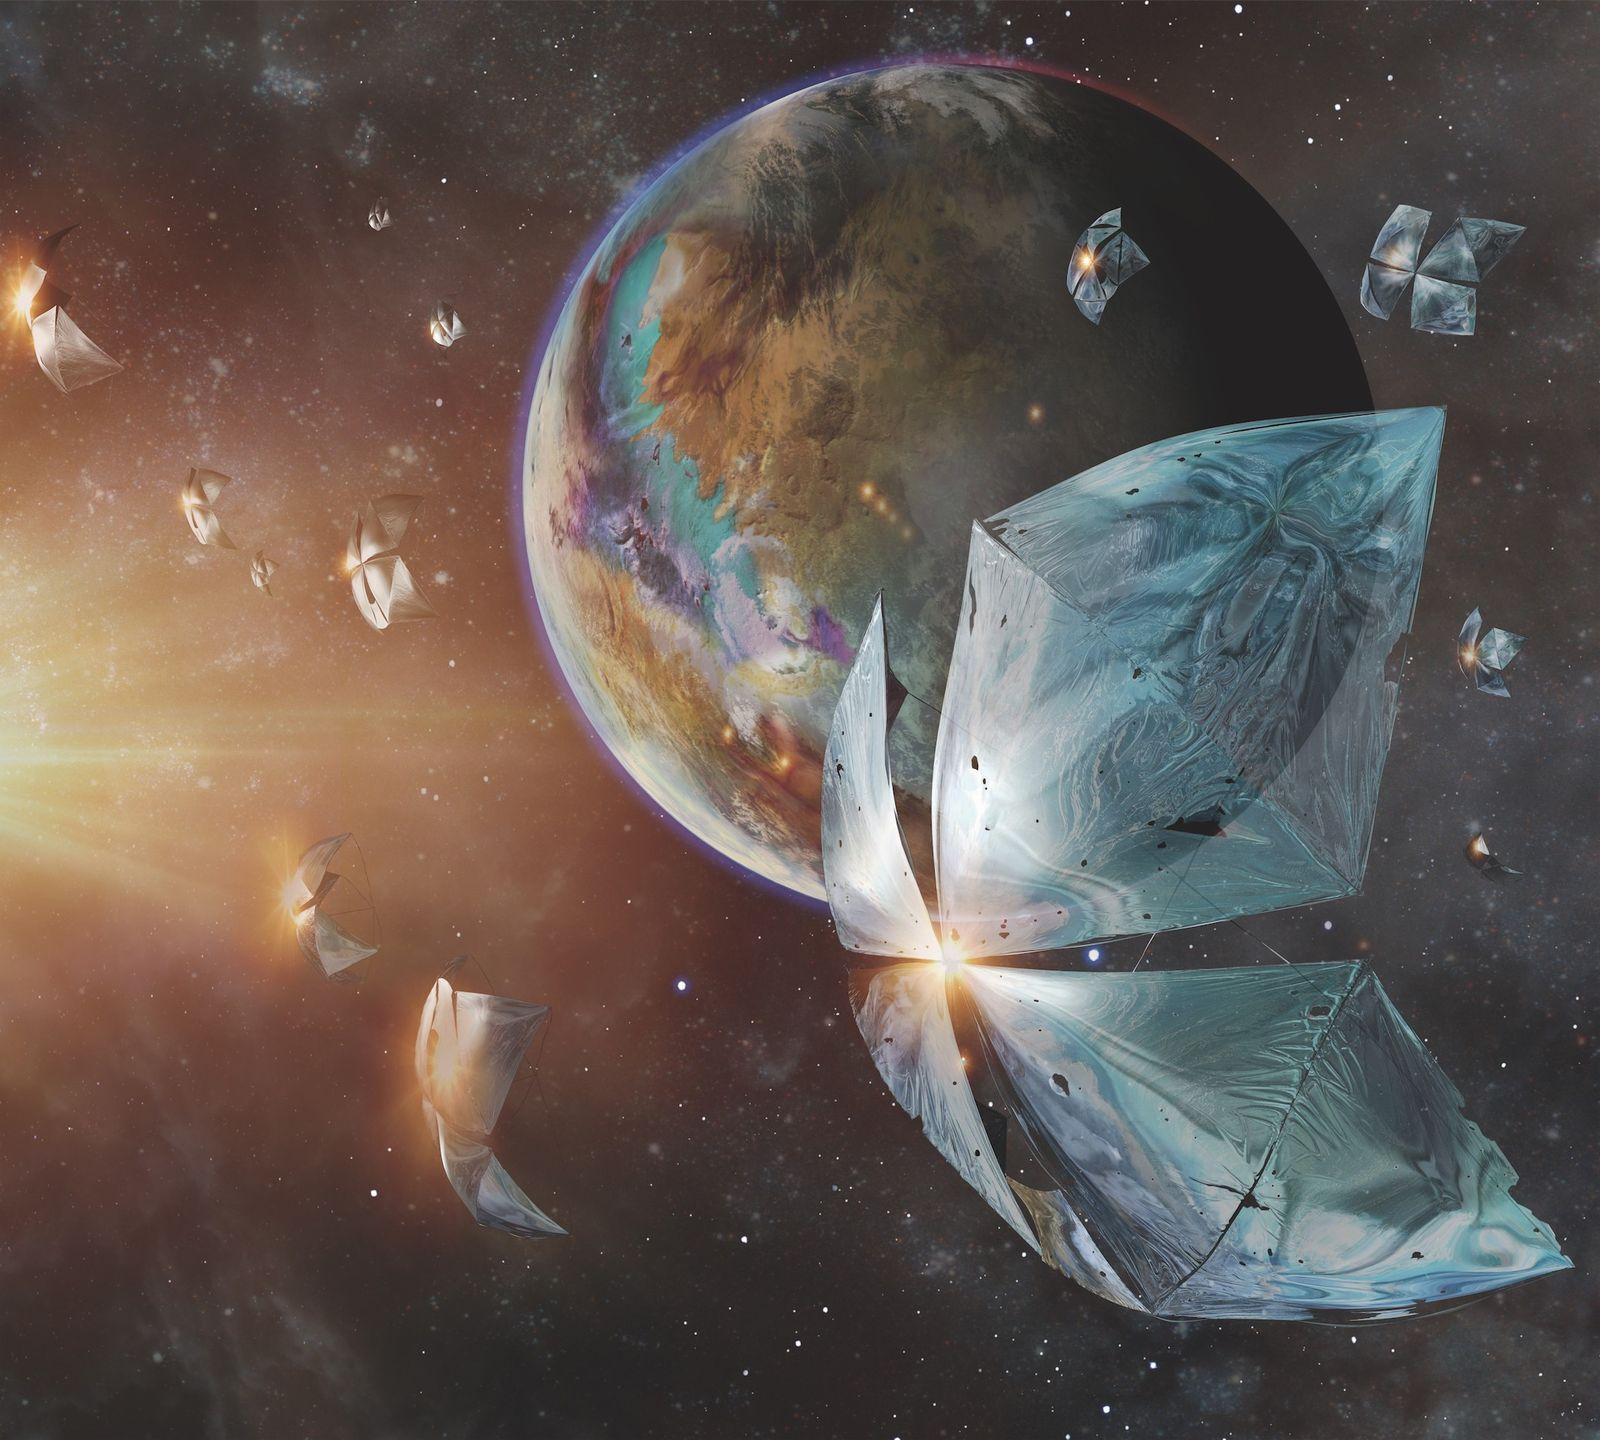 Pode haver uma nova super-Terra orbitando a estrela ao lado